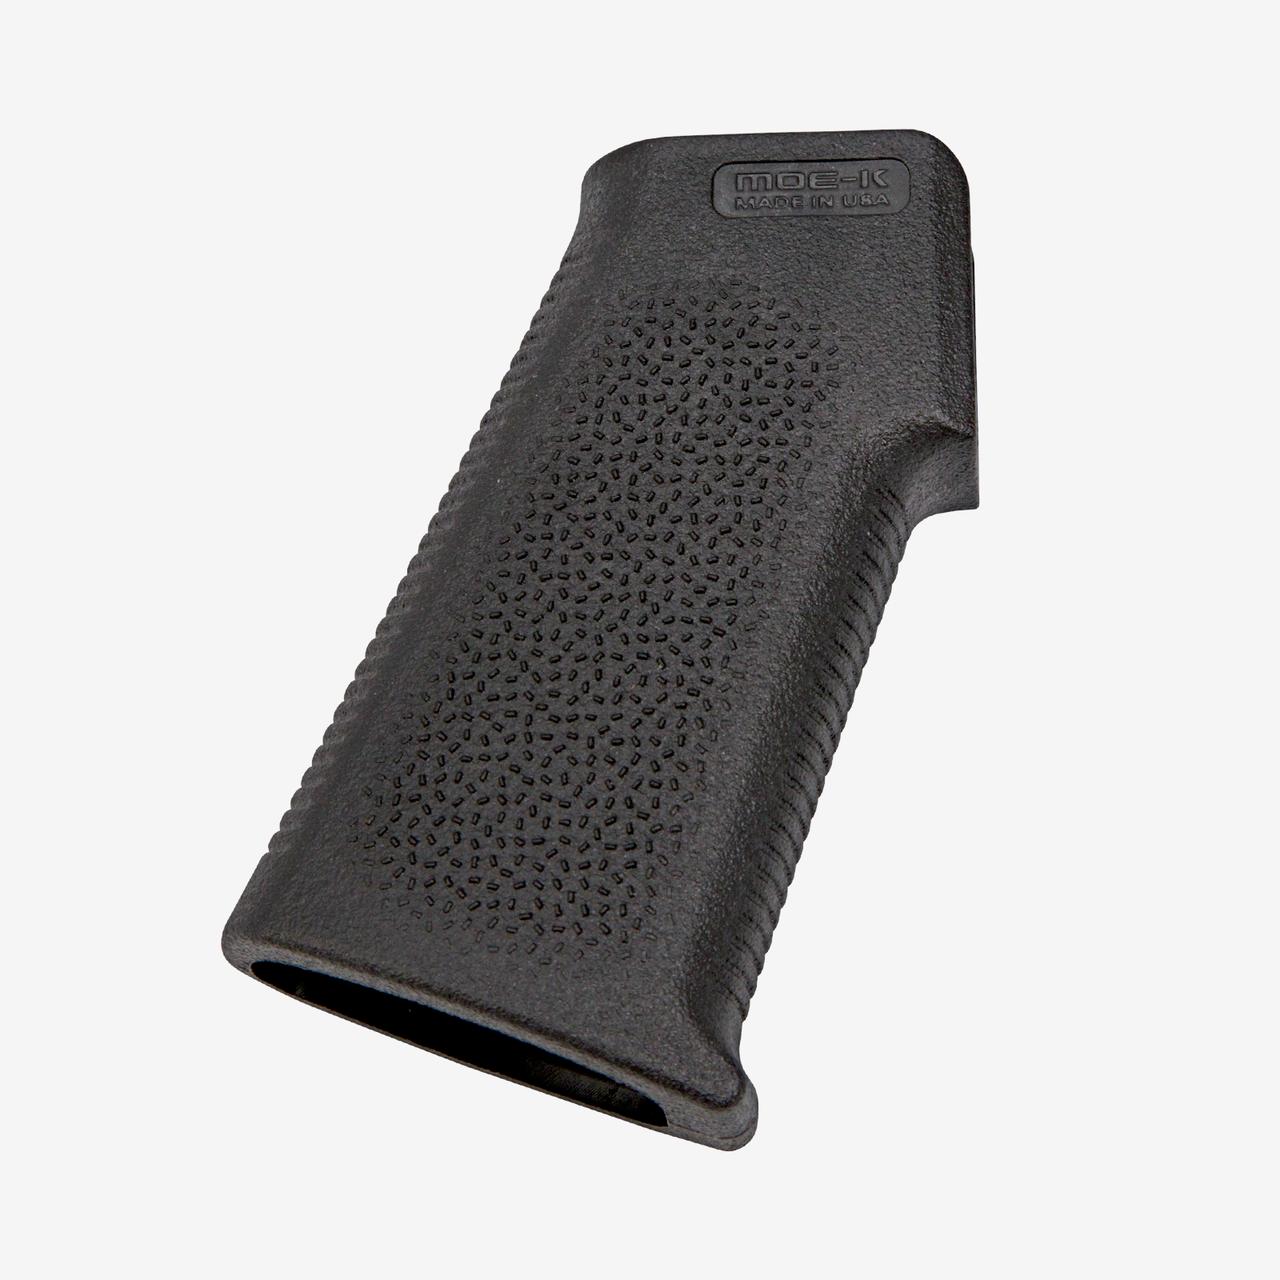 MOE-K® Grip – AR15/M4